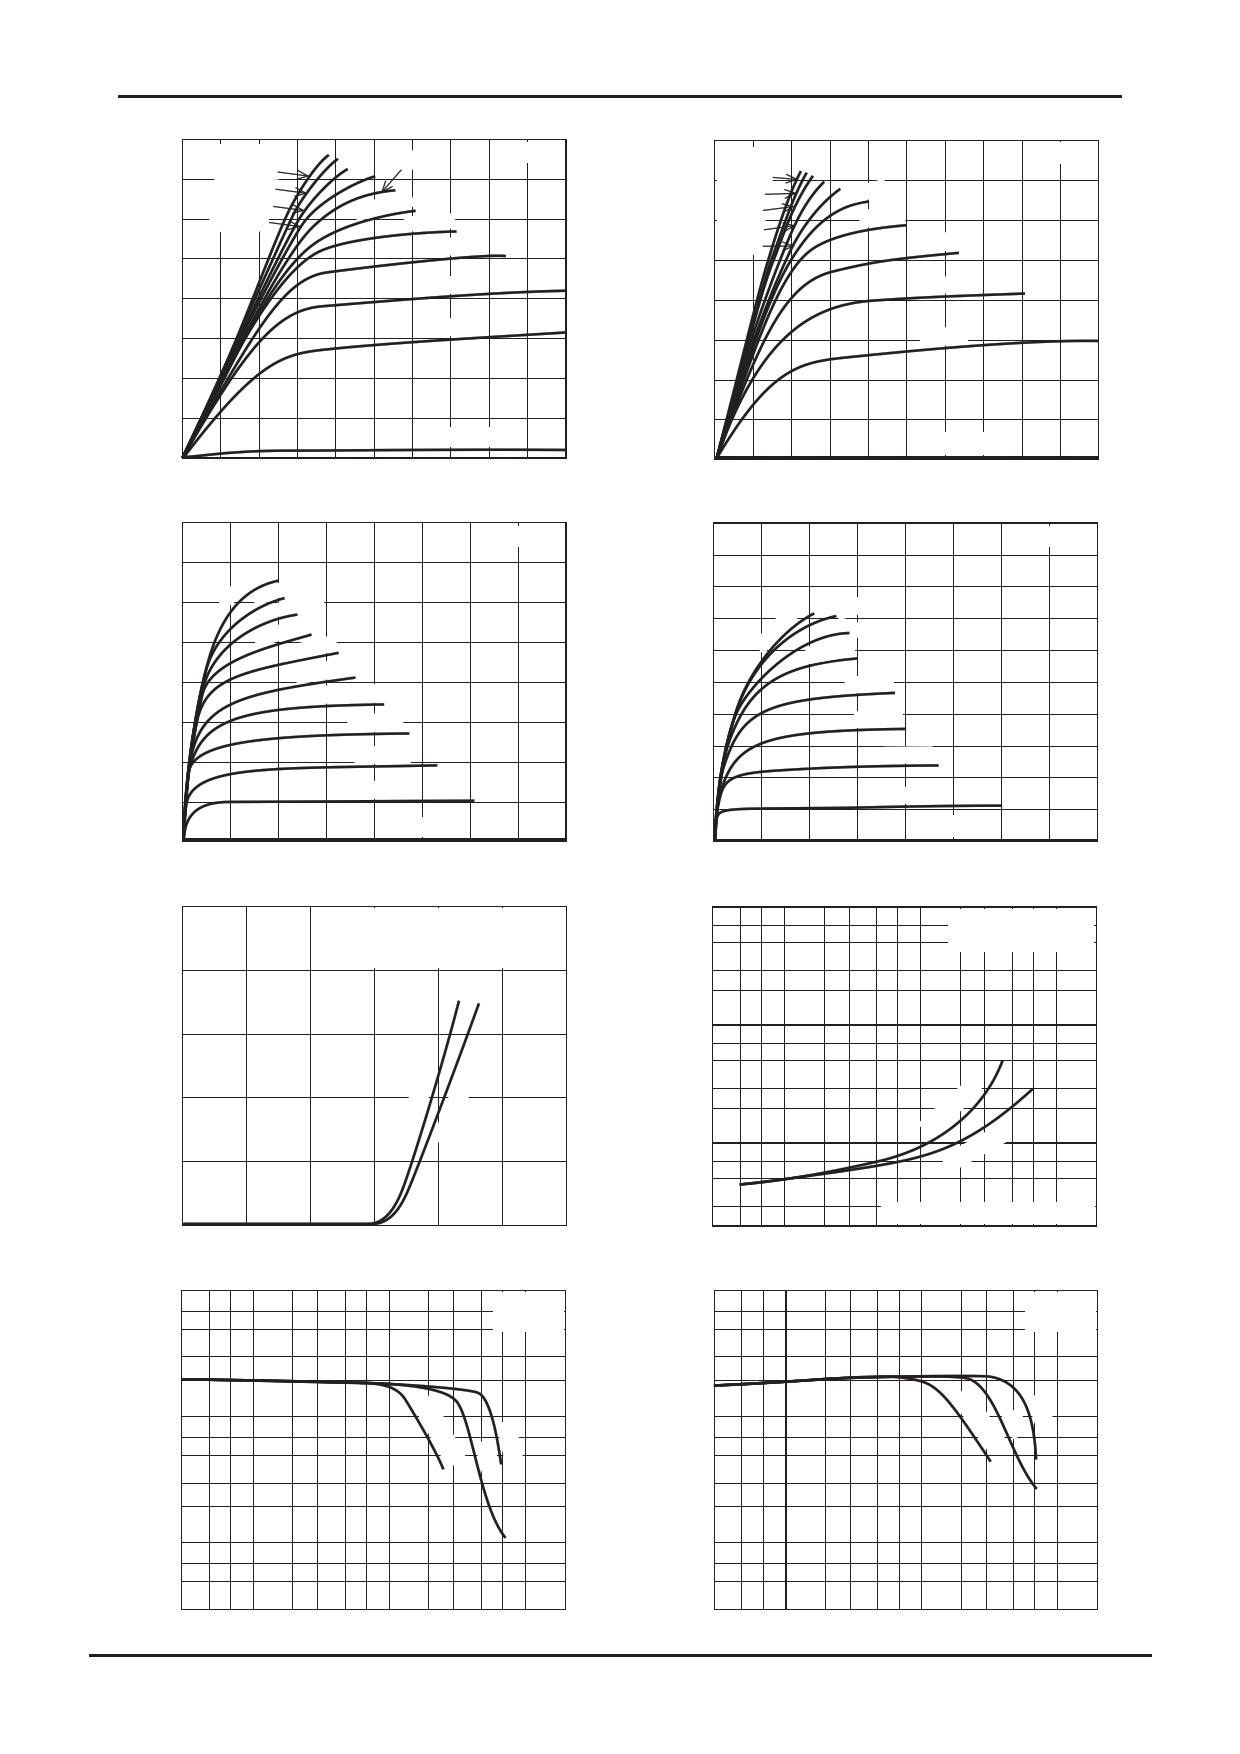 2SC3648 pdf, ピン配列